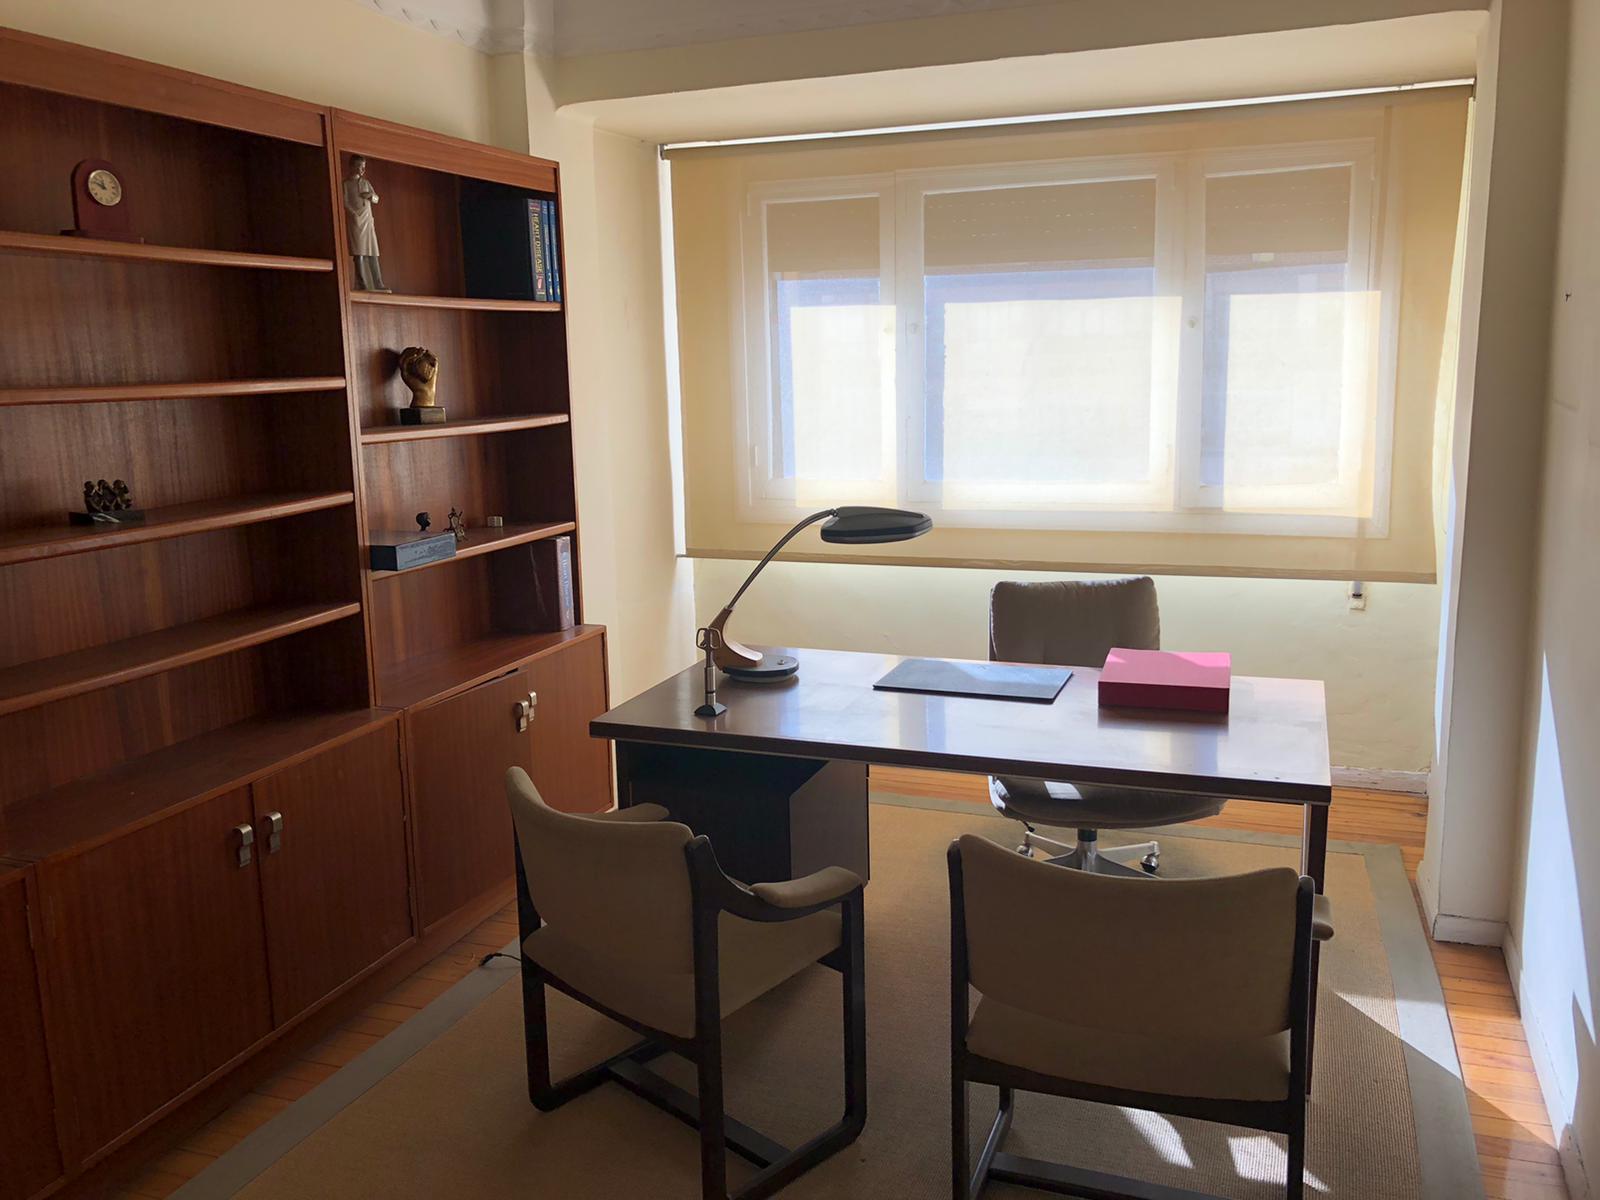 A reformar,en Paseo de Colon, pleno sur,78m2,3 habitaciones, salon,cocina y baño.Ascensor.Informate!!